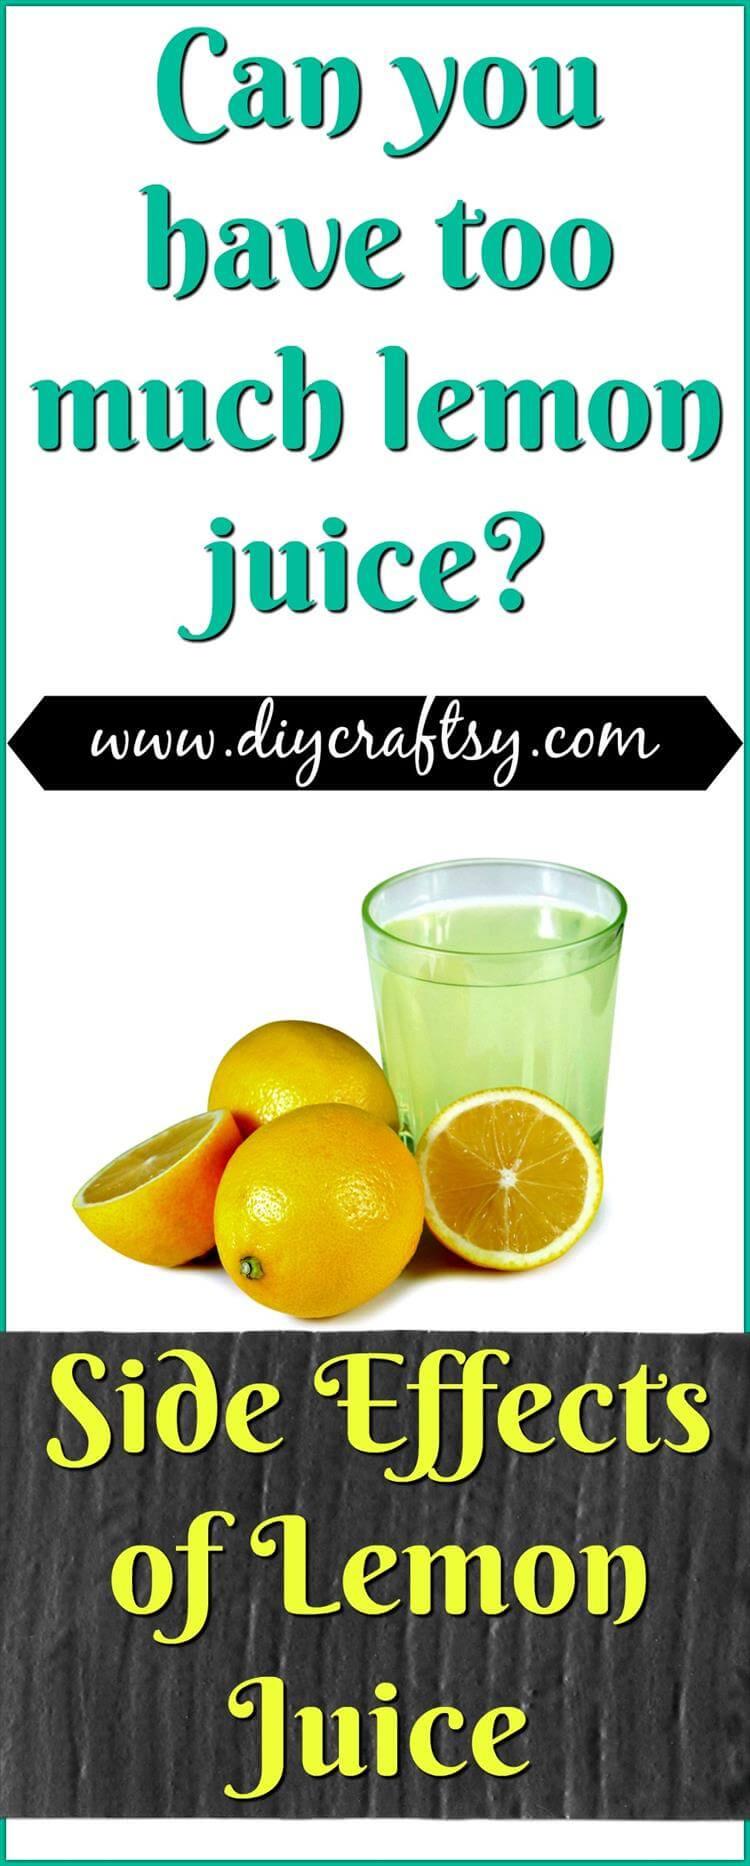 Efectos secundarios del jugo de limón